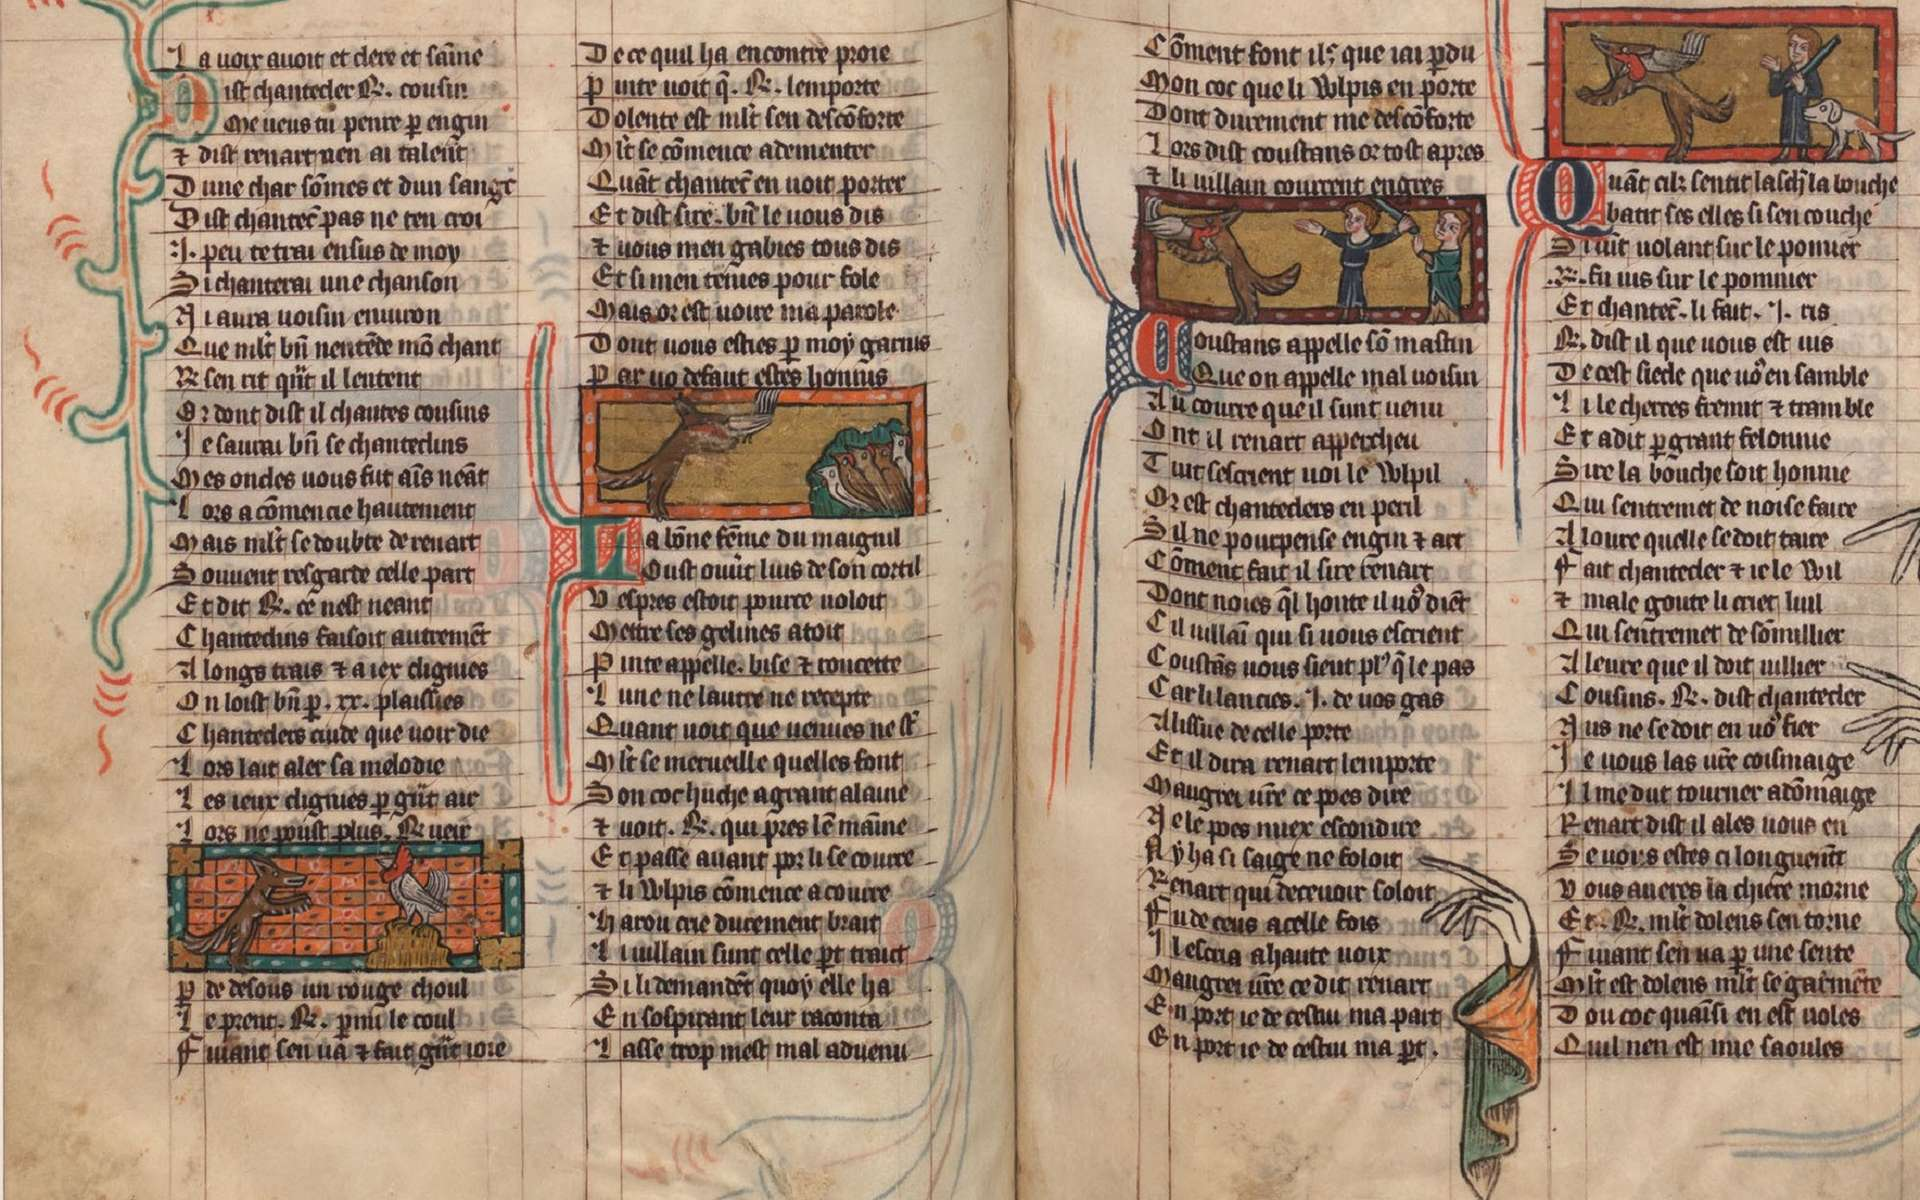 Extrait du manuscrit ''le Roman de Renart'', épisode de Renart et le coq Chantecler ; manuscrit français cote 12584, bibliothèque nationale de France. © Bibliothèque nationale de France.